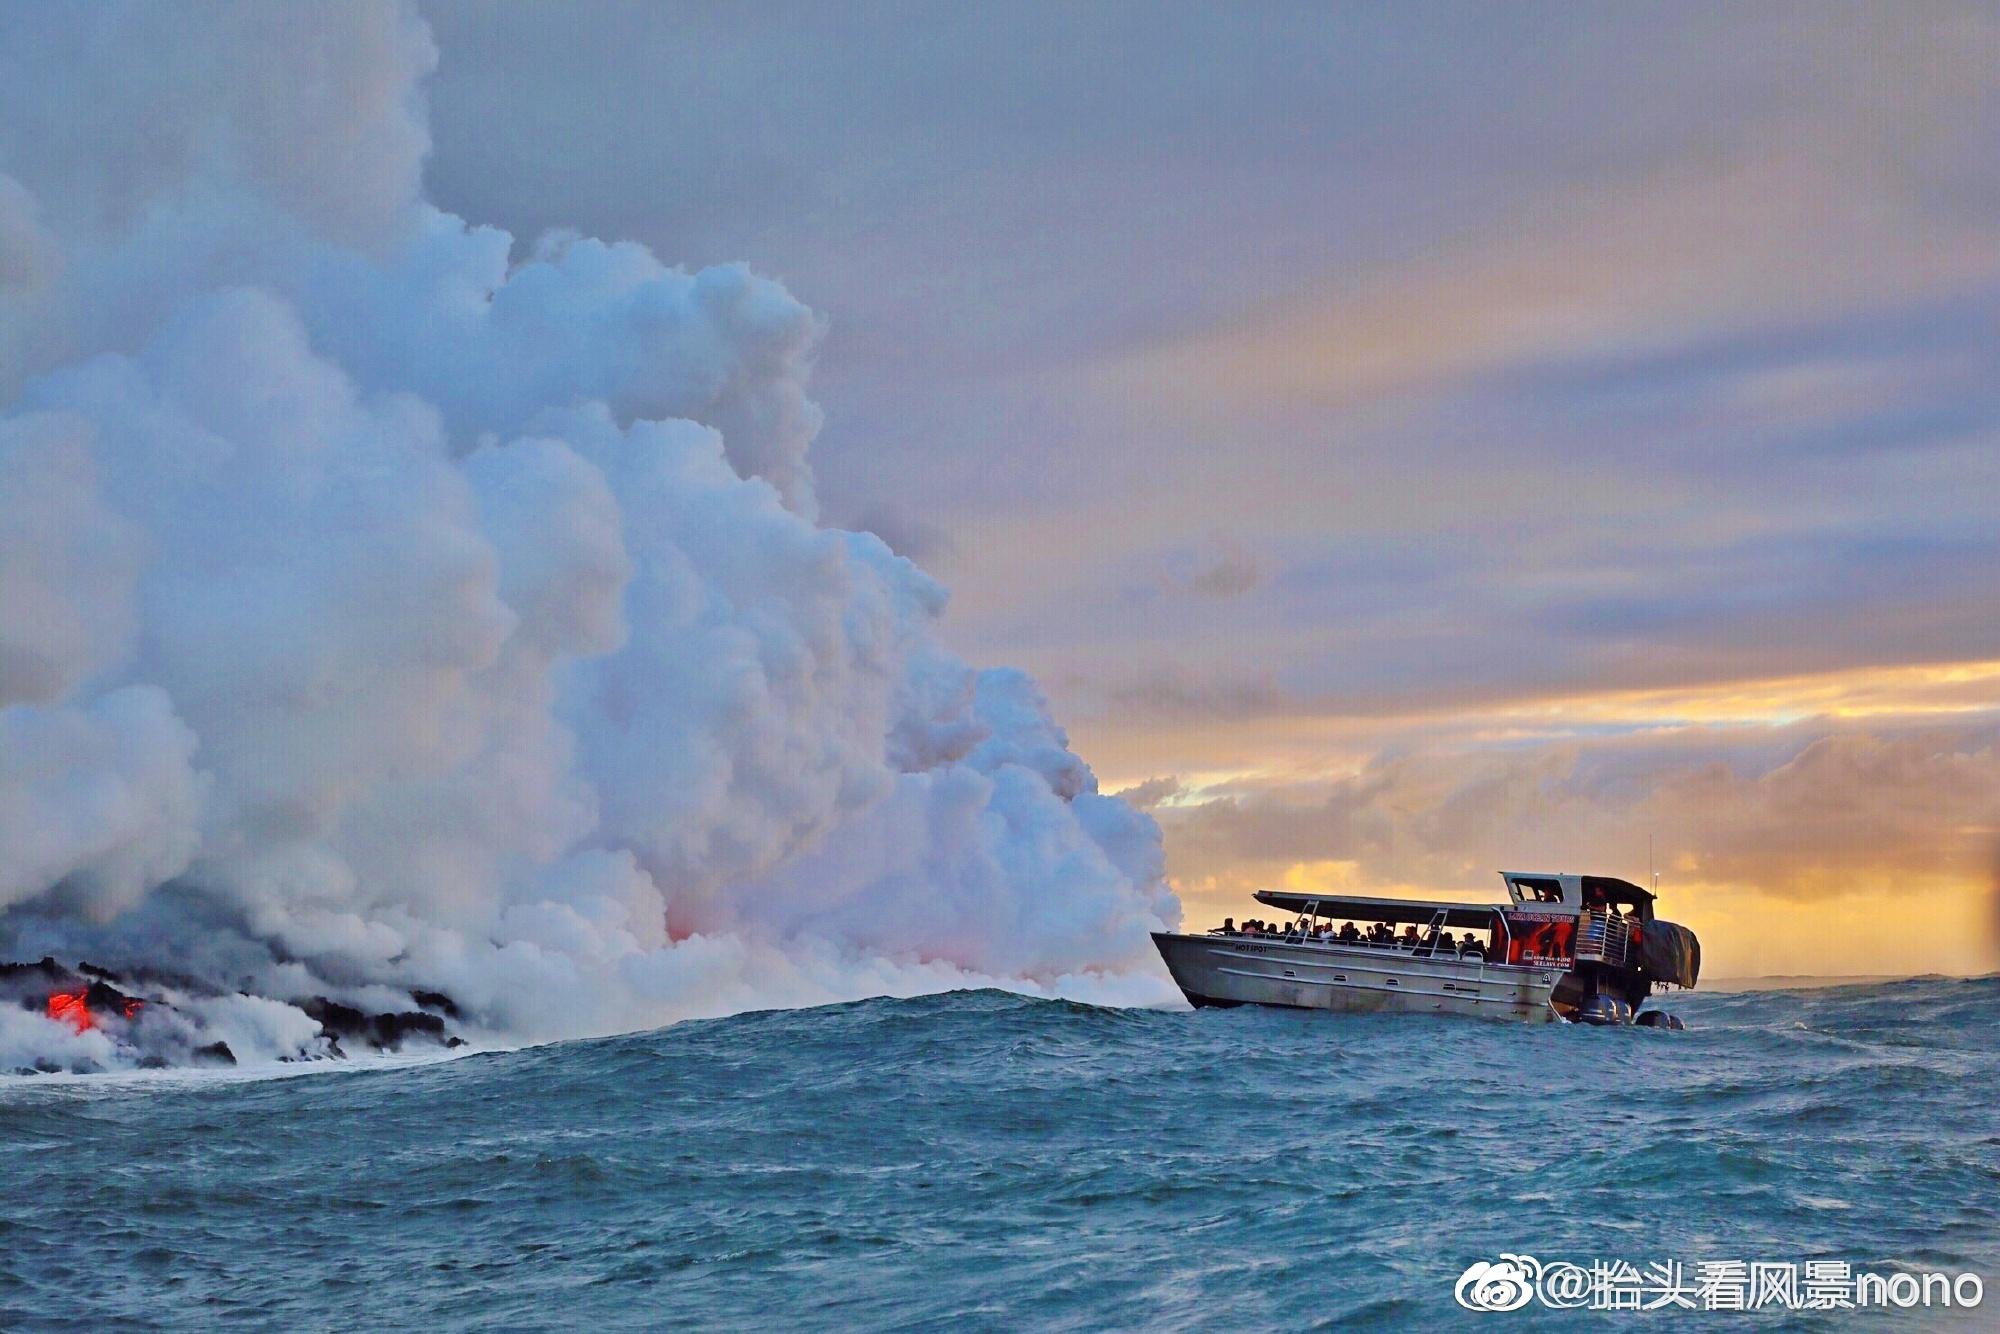 夏威夷,可遇不可求的岩浆入海奇观,你见过吗?